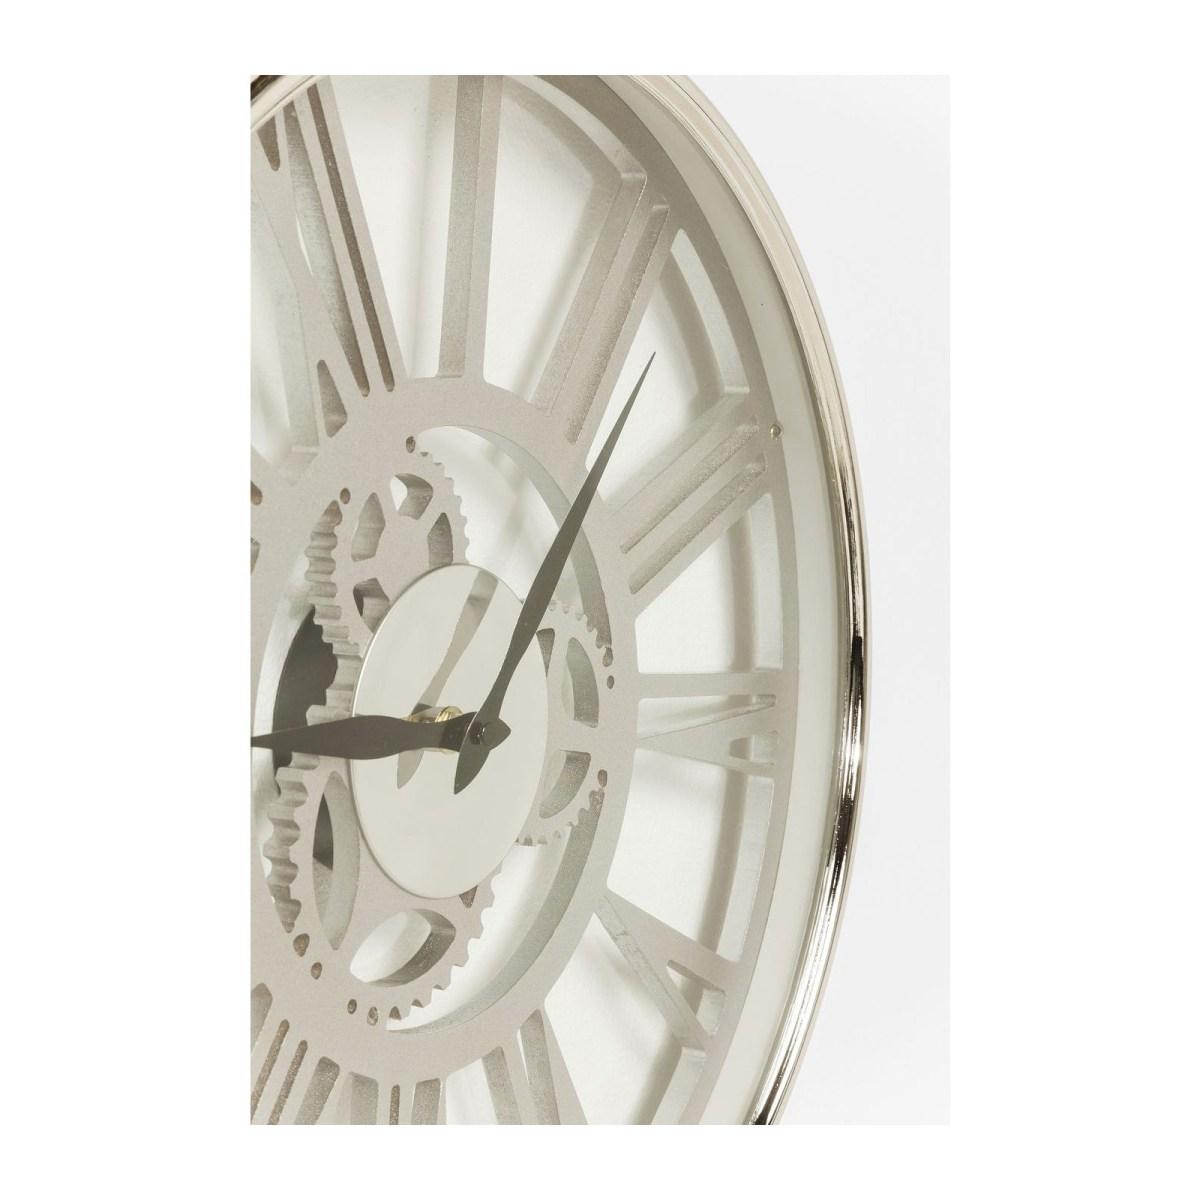 Soldes Kare Design Maison > Décoration > Horloges, pendules Horloge murale Factory Visible 45cm Kare Design